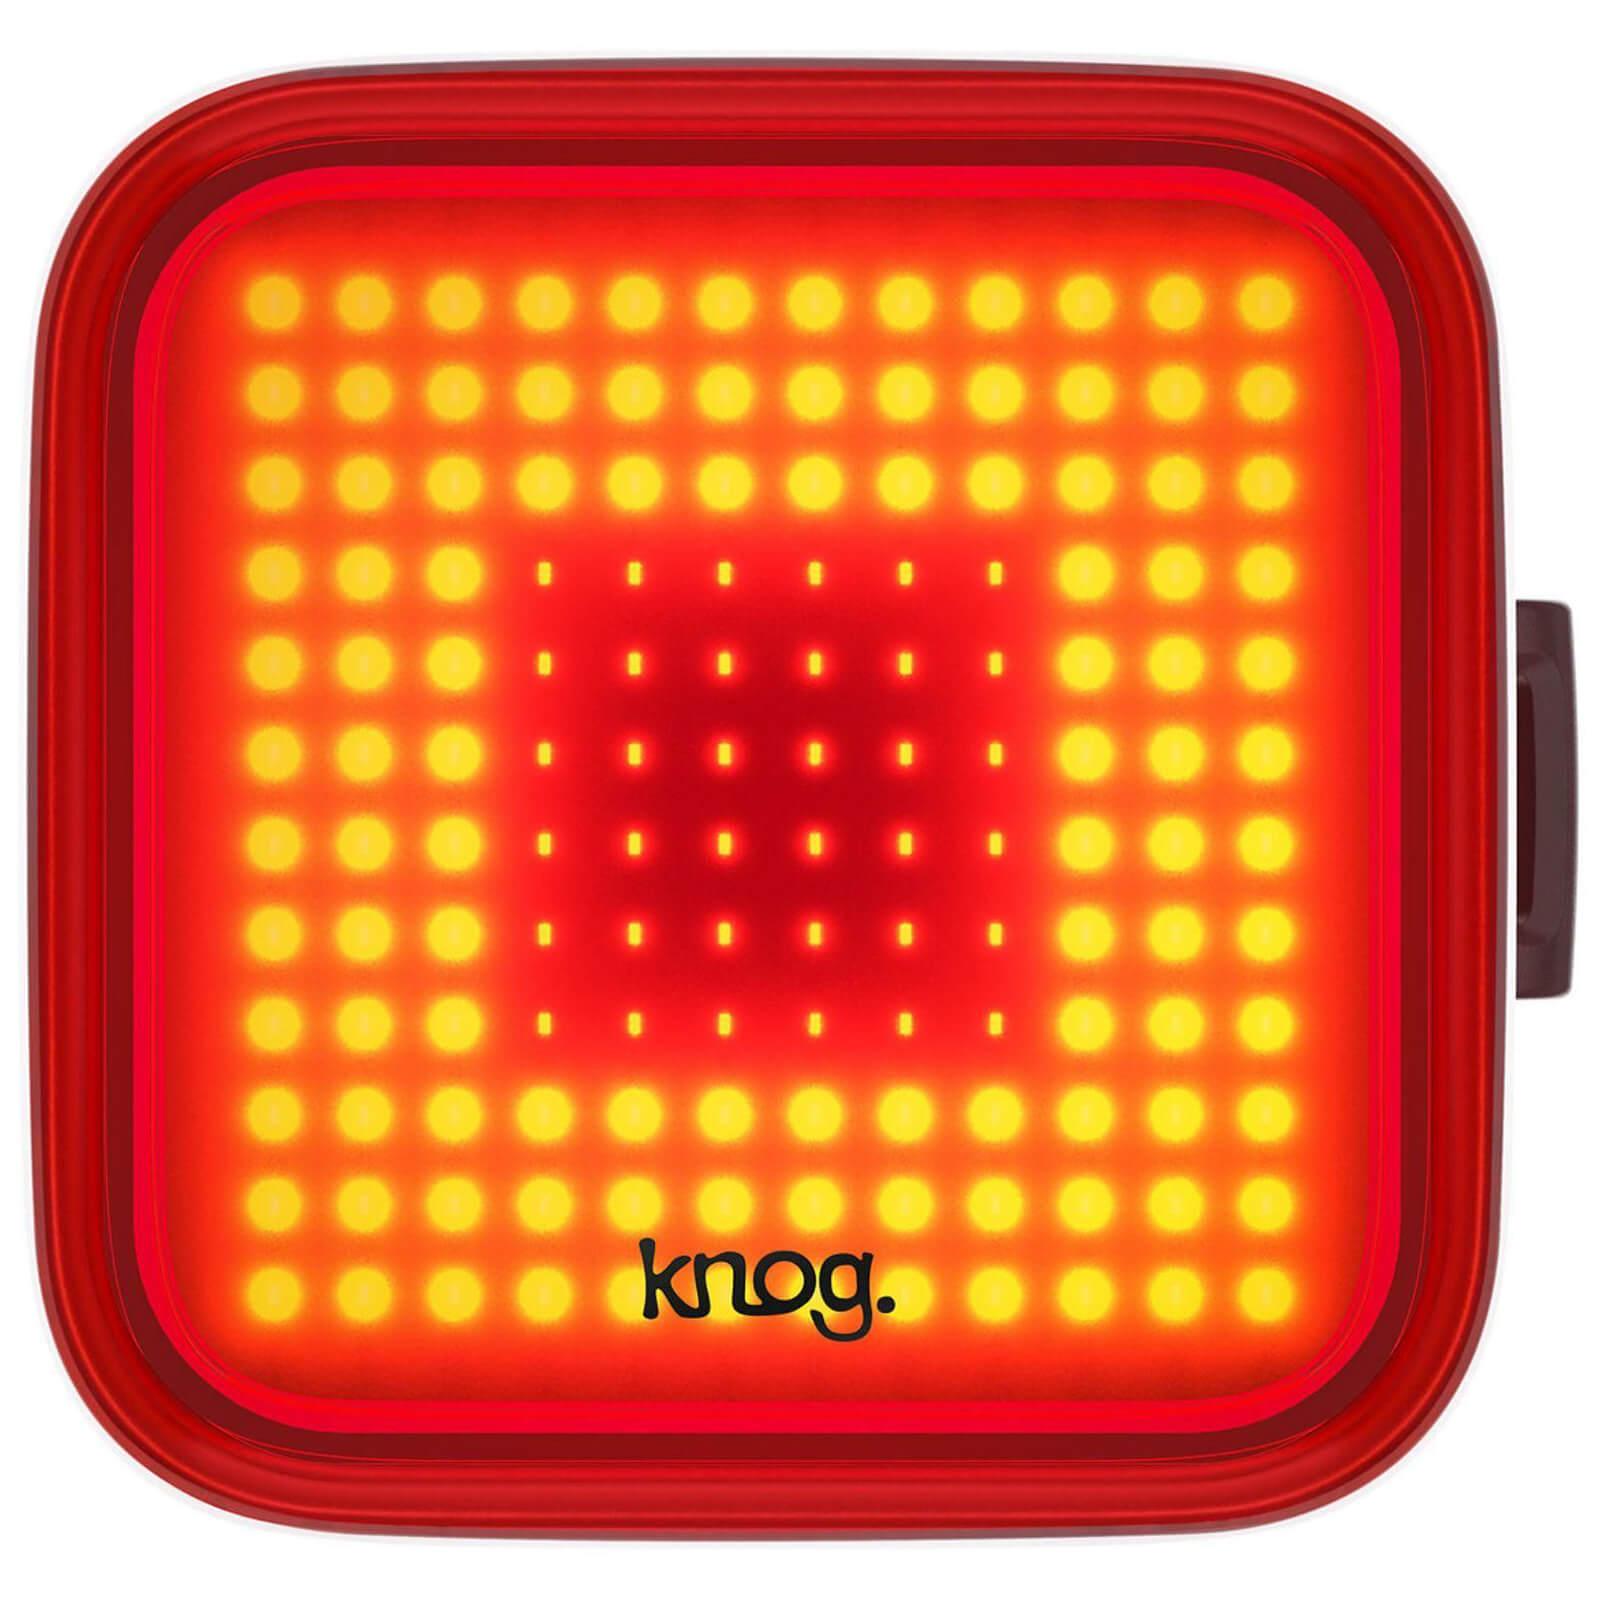 Knog Blinder Rear Light - Square - Black;